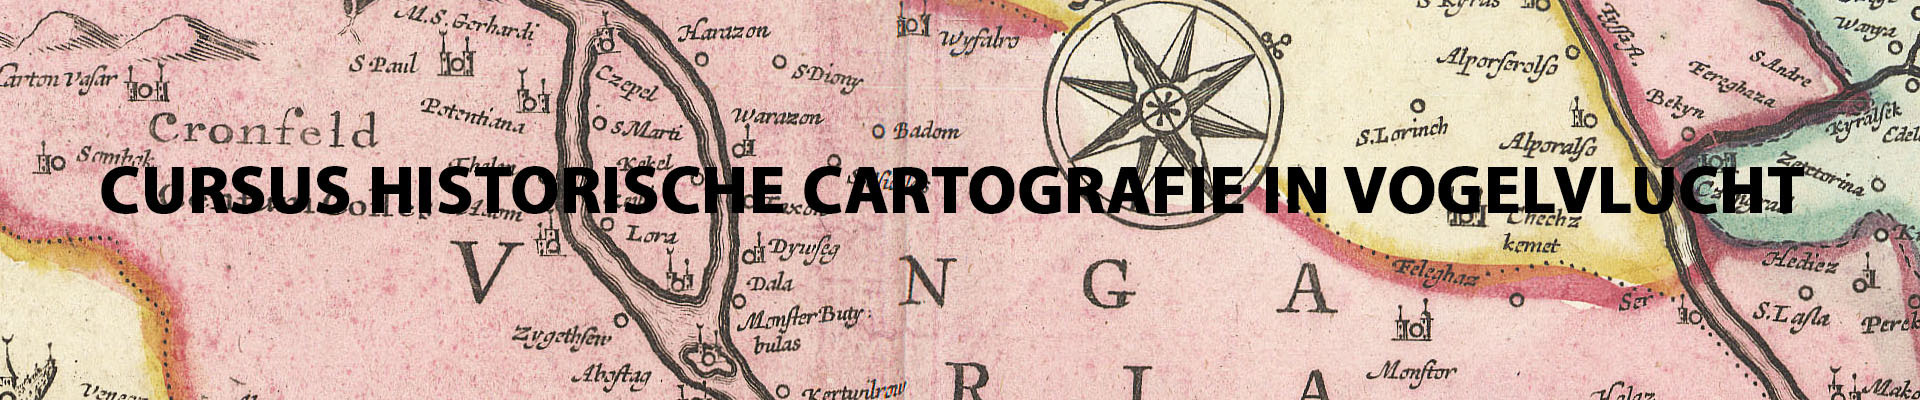 Cursus Historische Cartografie in Vogelvlucht